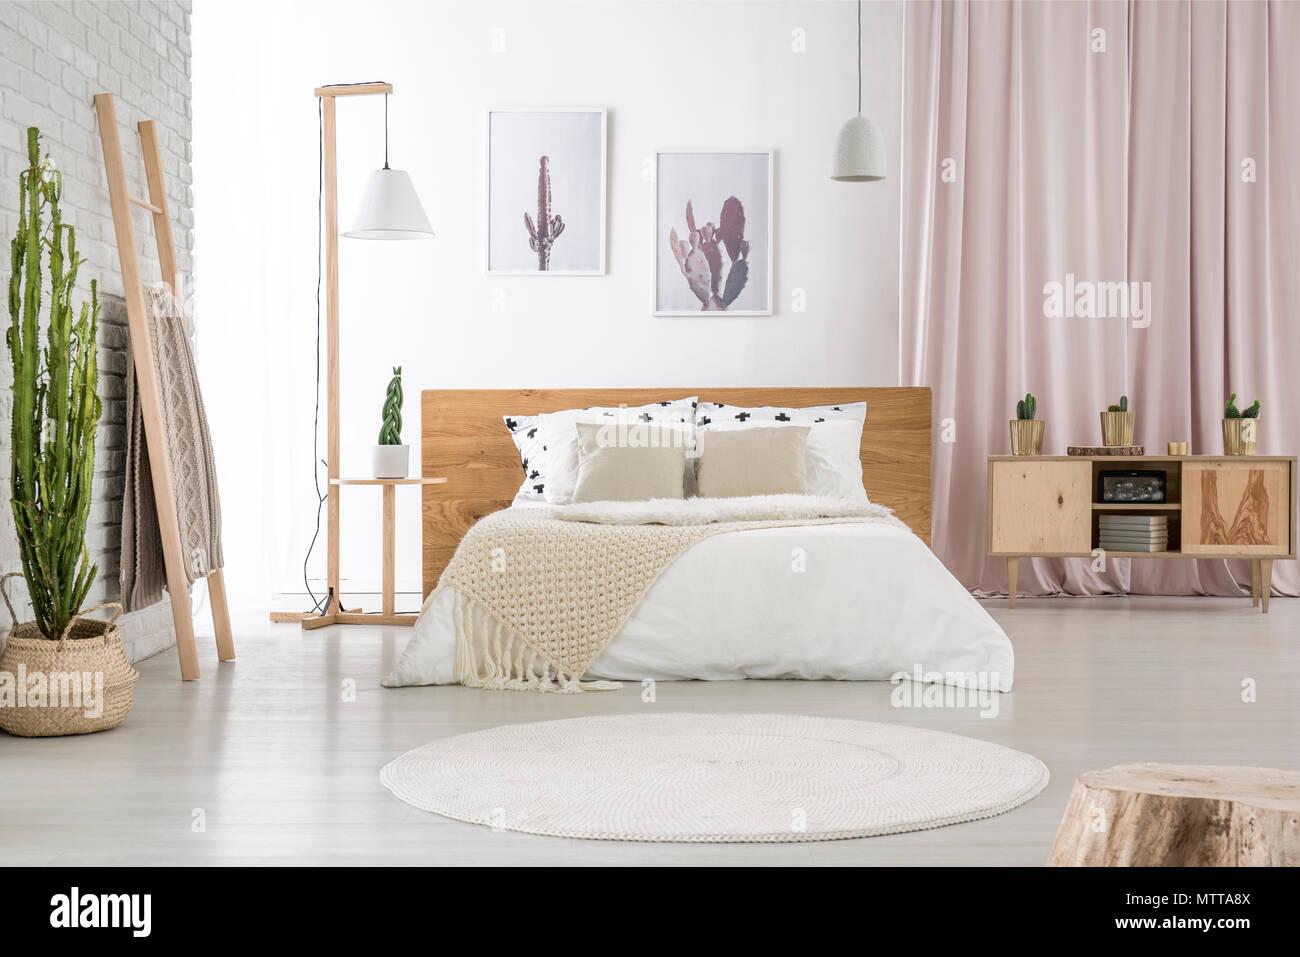 Credenza Da Muro : Due semplici poster appeso alla parete bianca in camera da letto